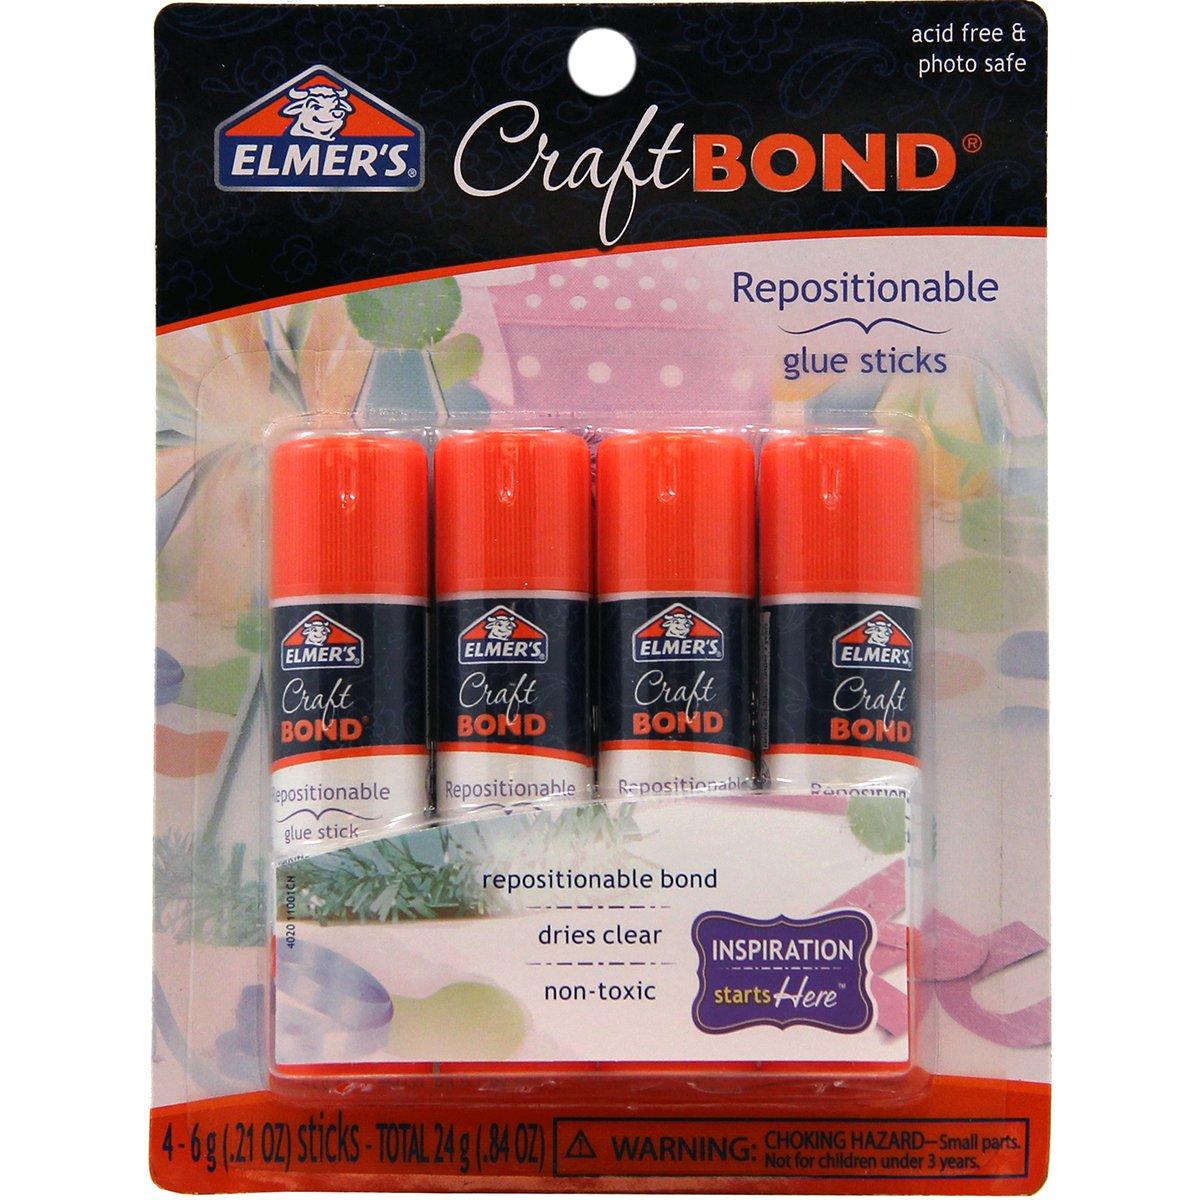 Elmer's CraftBond(R) Repositionable Glue Sticks 4/Pkg-.21oz Elmers/X-Acto E4020